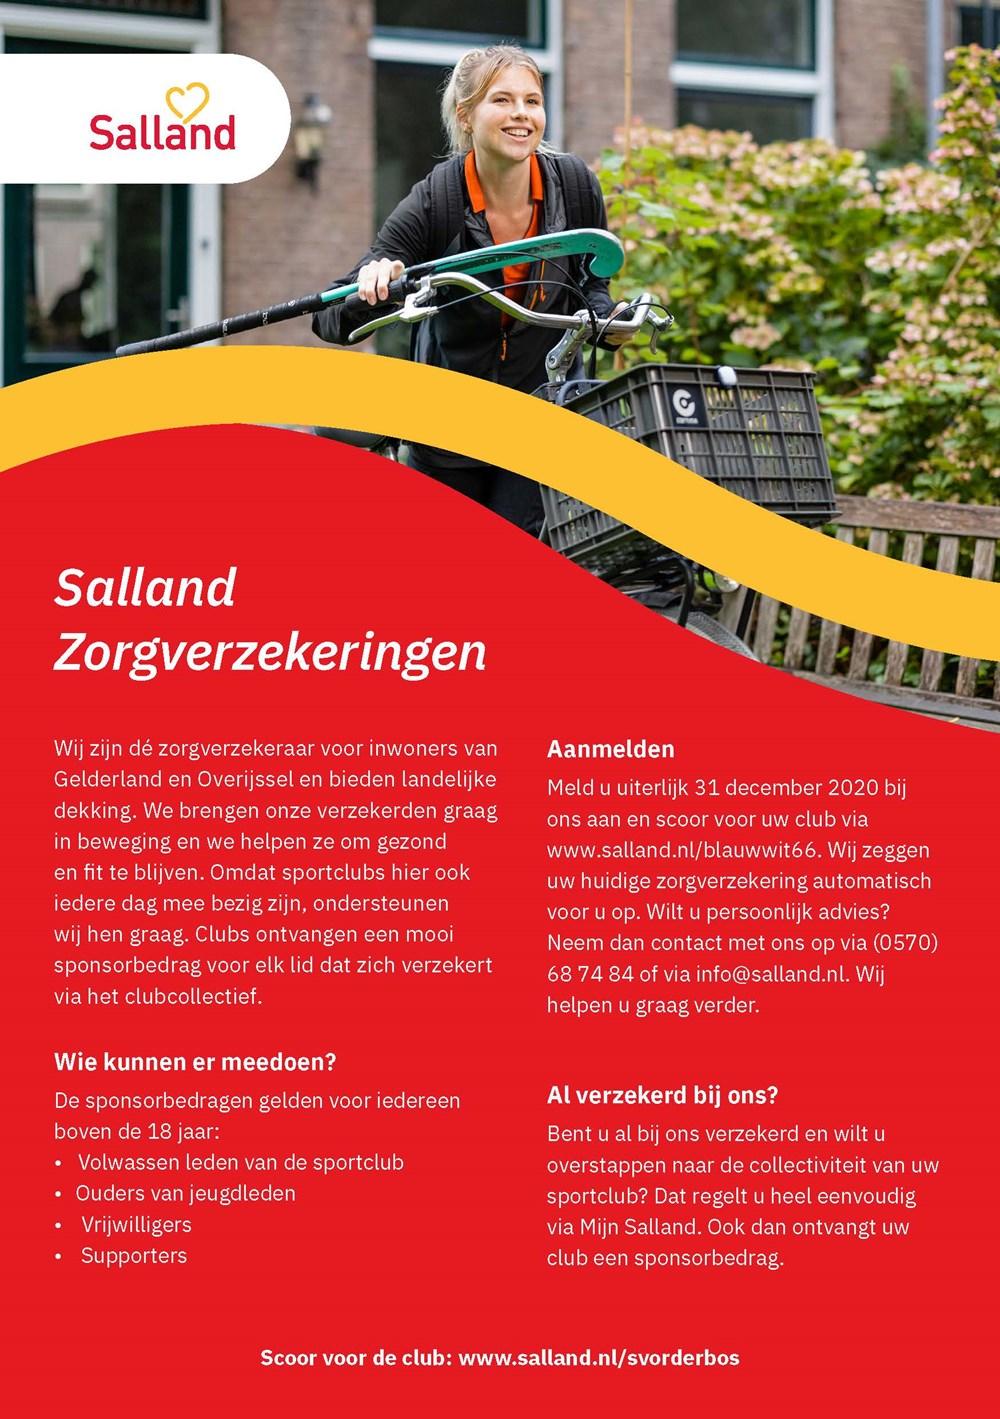 sv_Orderbos_-_Salland_Zorgverzekering_Pagina_2.jpg